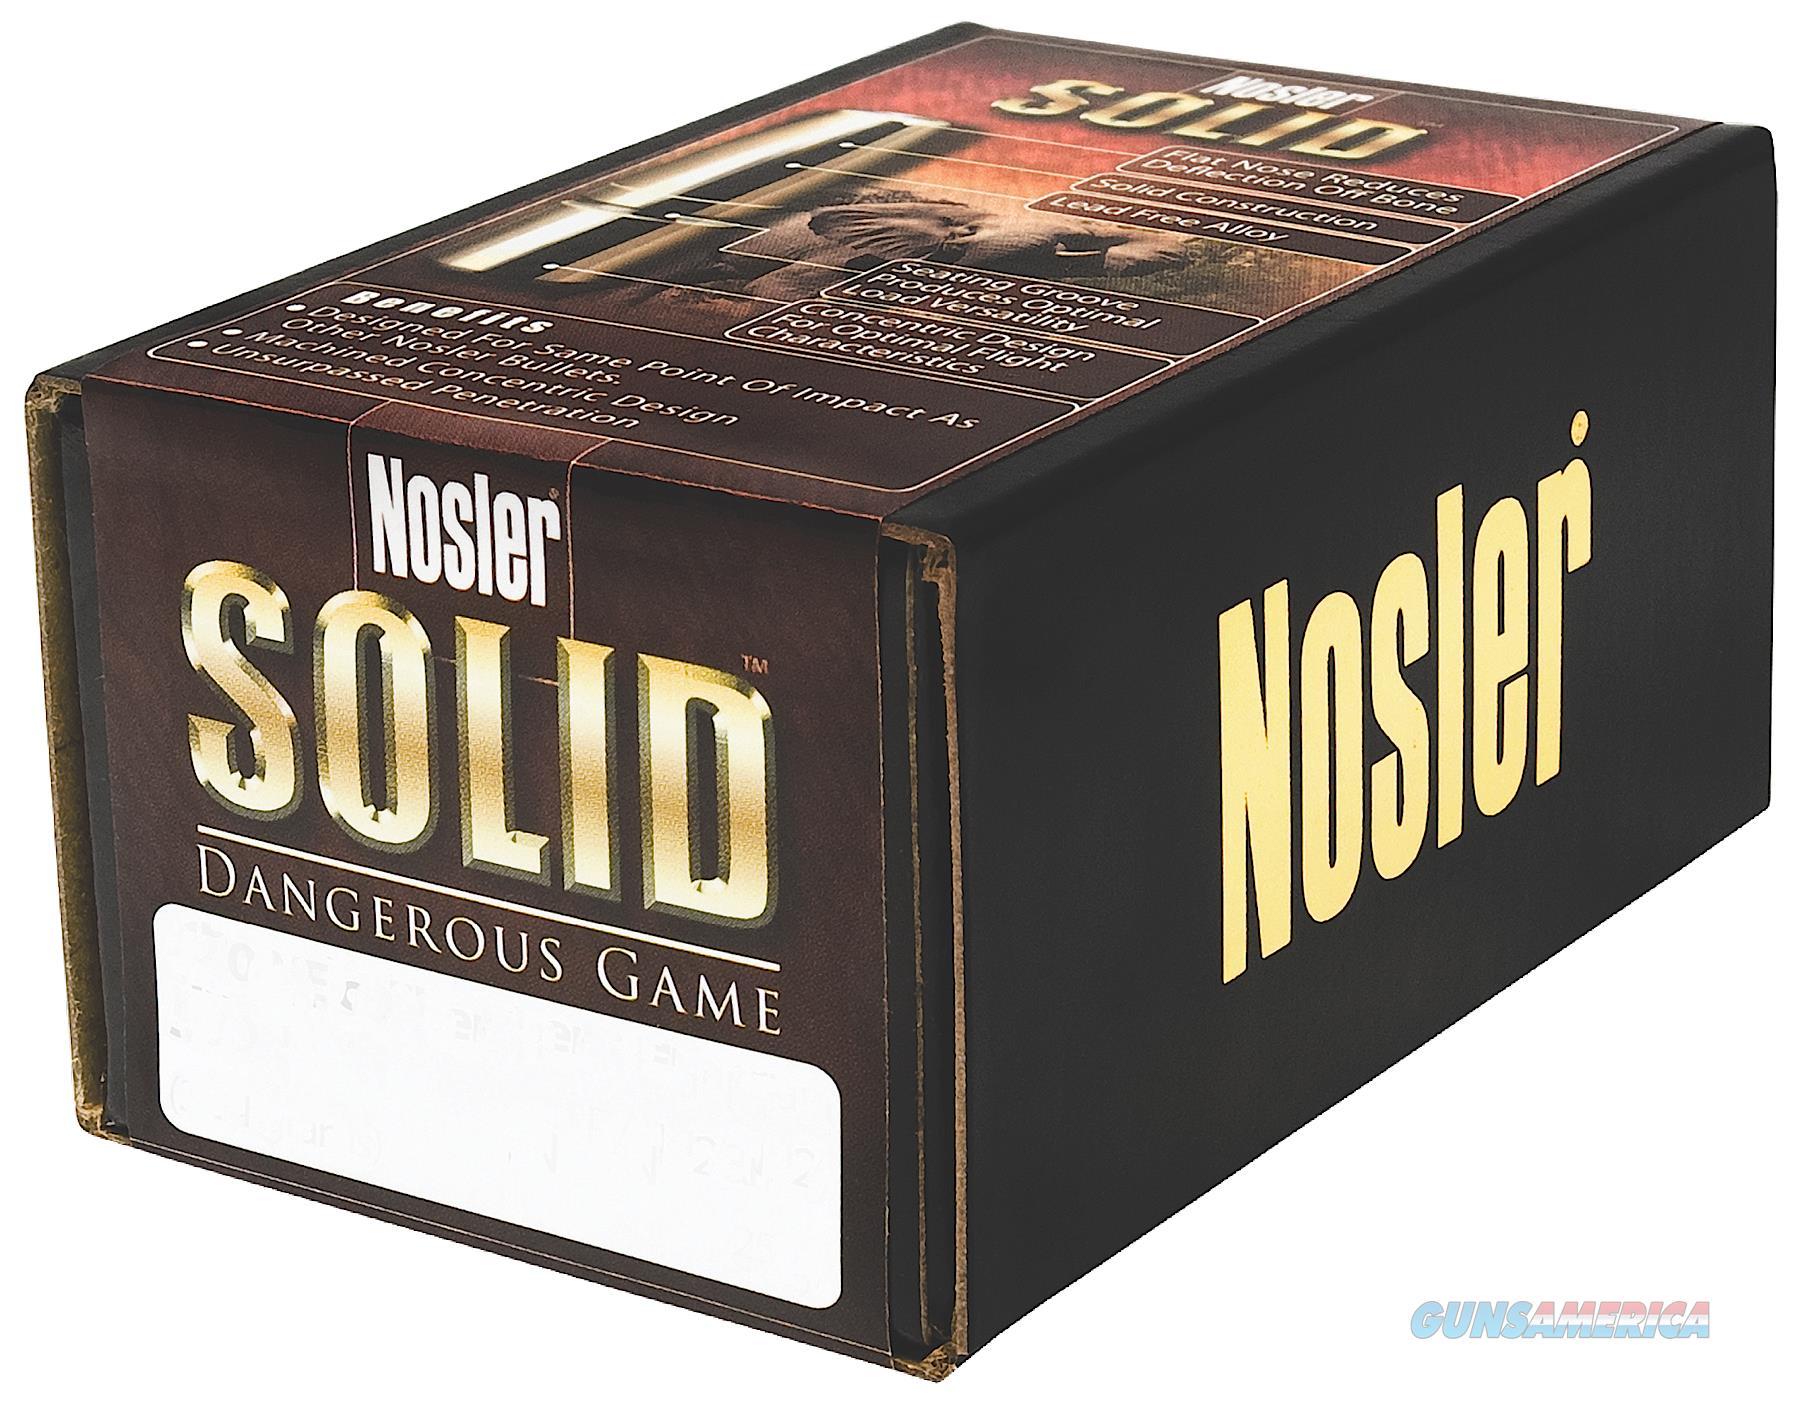 Nosler Solid, Nos 29825 Dg Solid   366 286 Fp     25  Guns > Pistols > 1911 Pistol Copies (non-Colt)